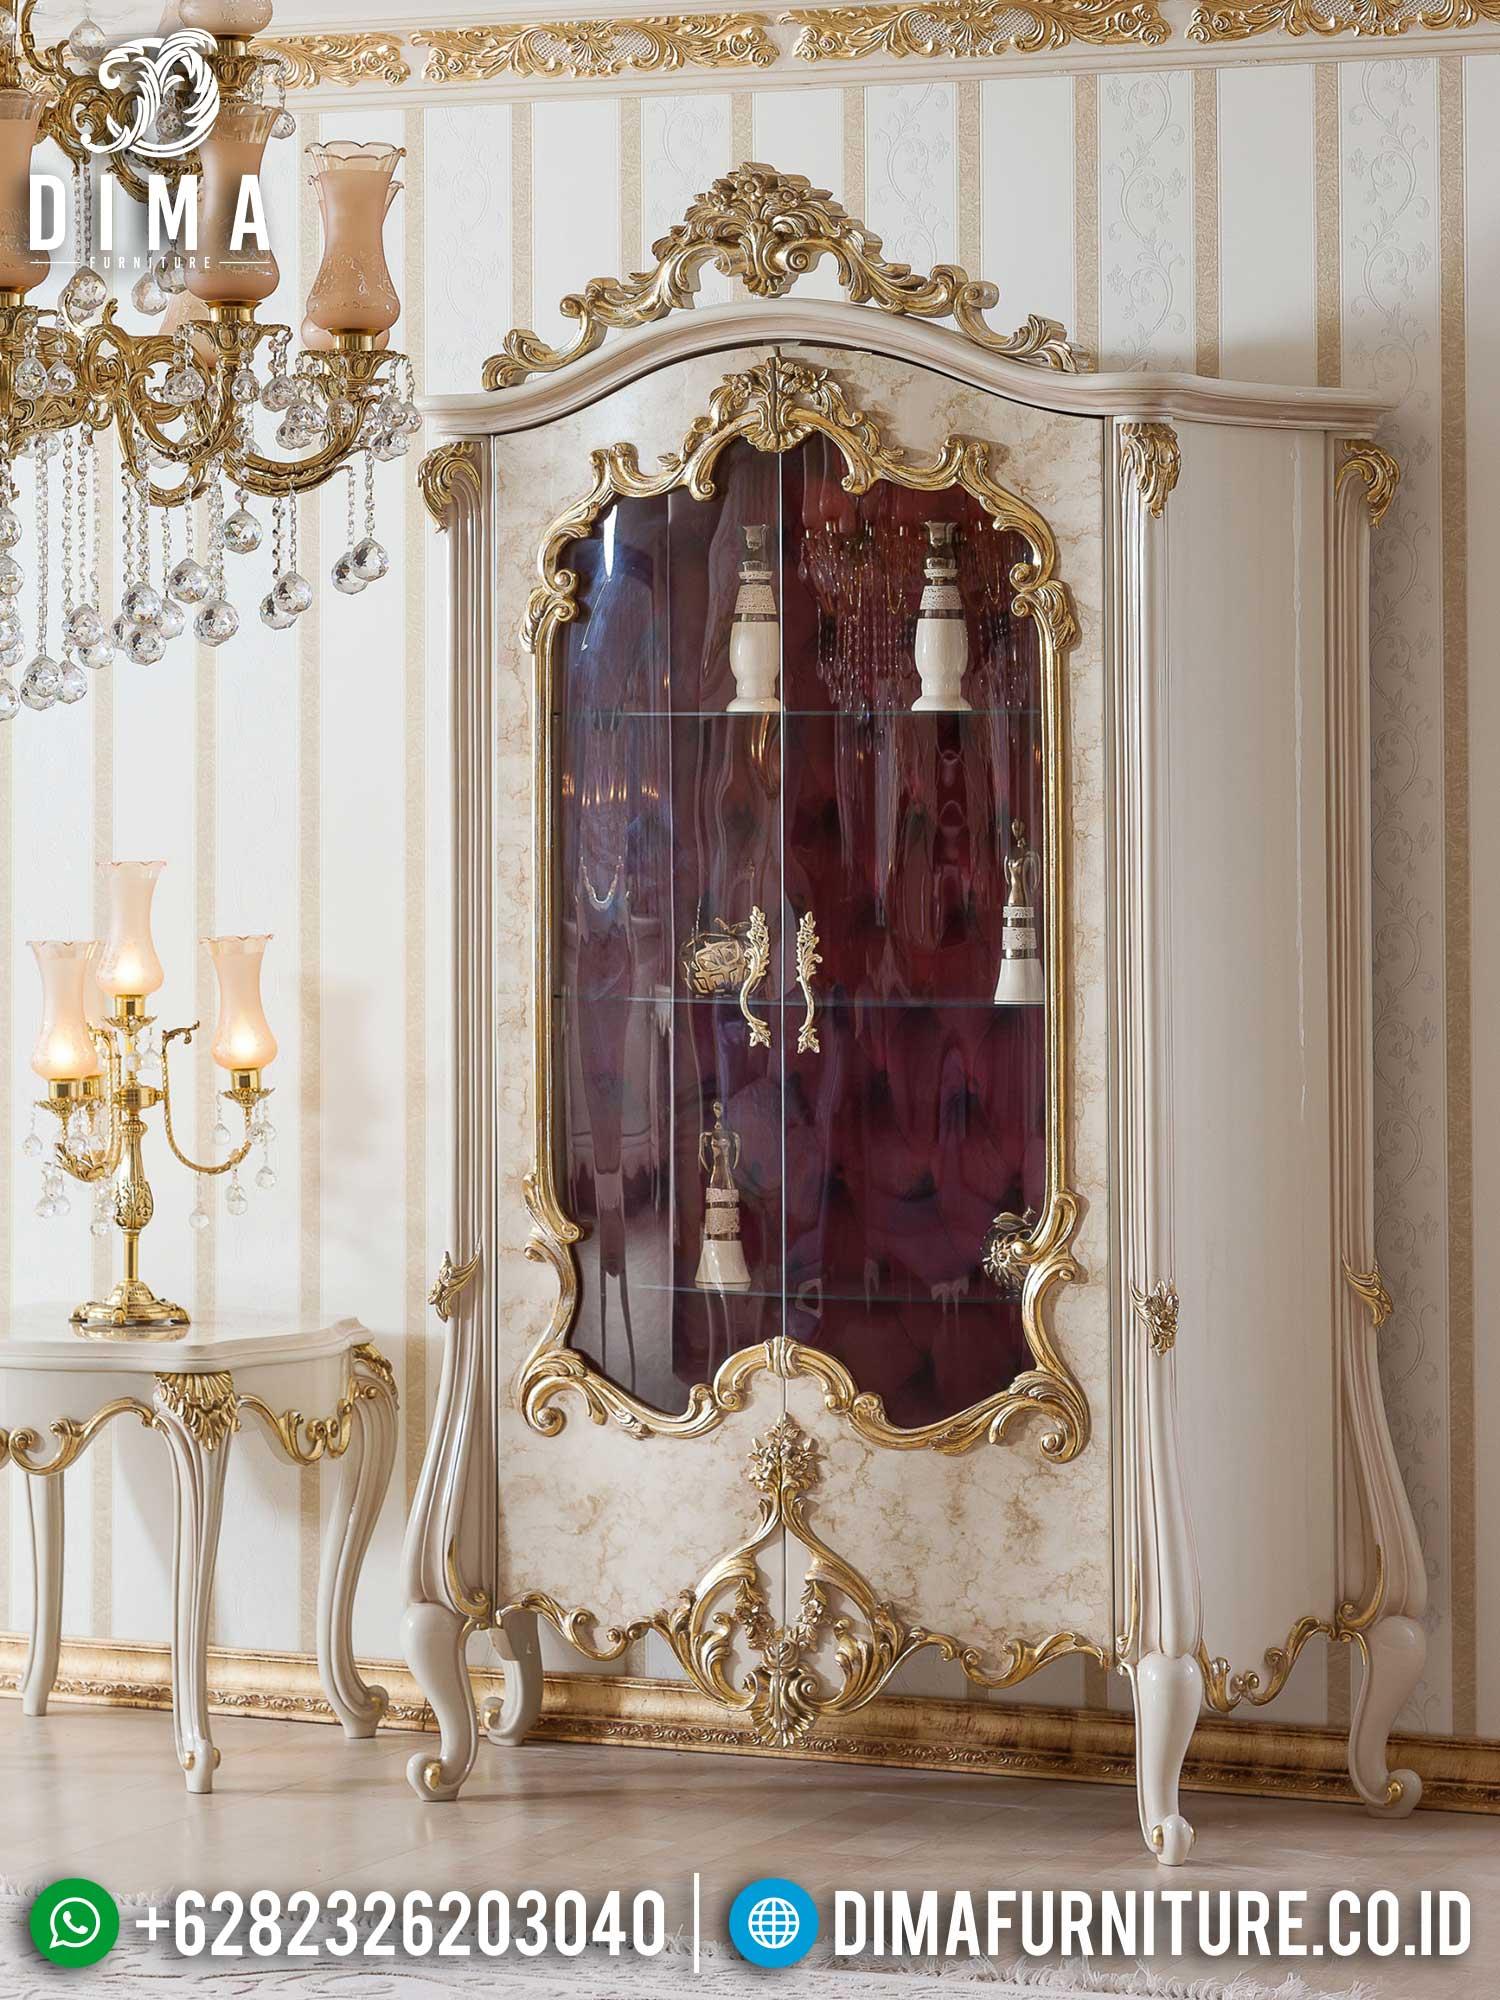 Harga Lemari Hias Mewah Jepara Luxury Color Combination Art Duco Terbaru TTJ-1397